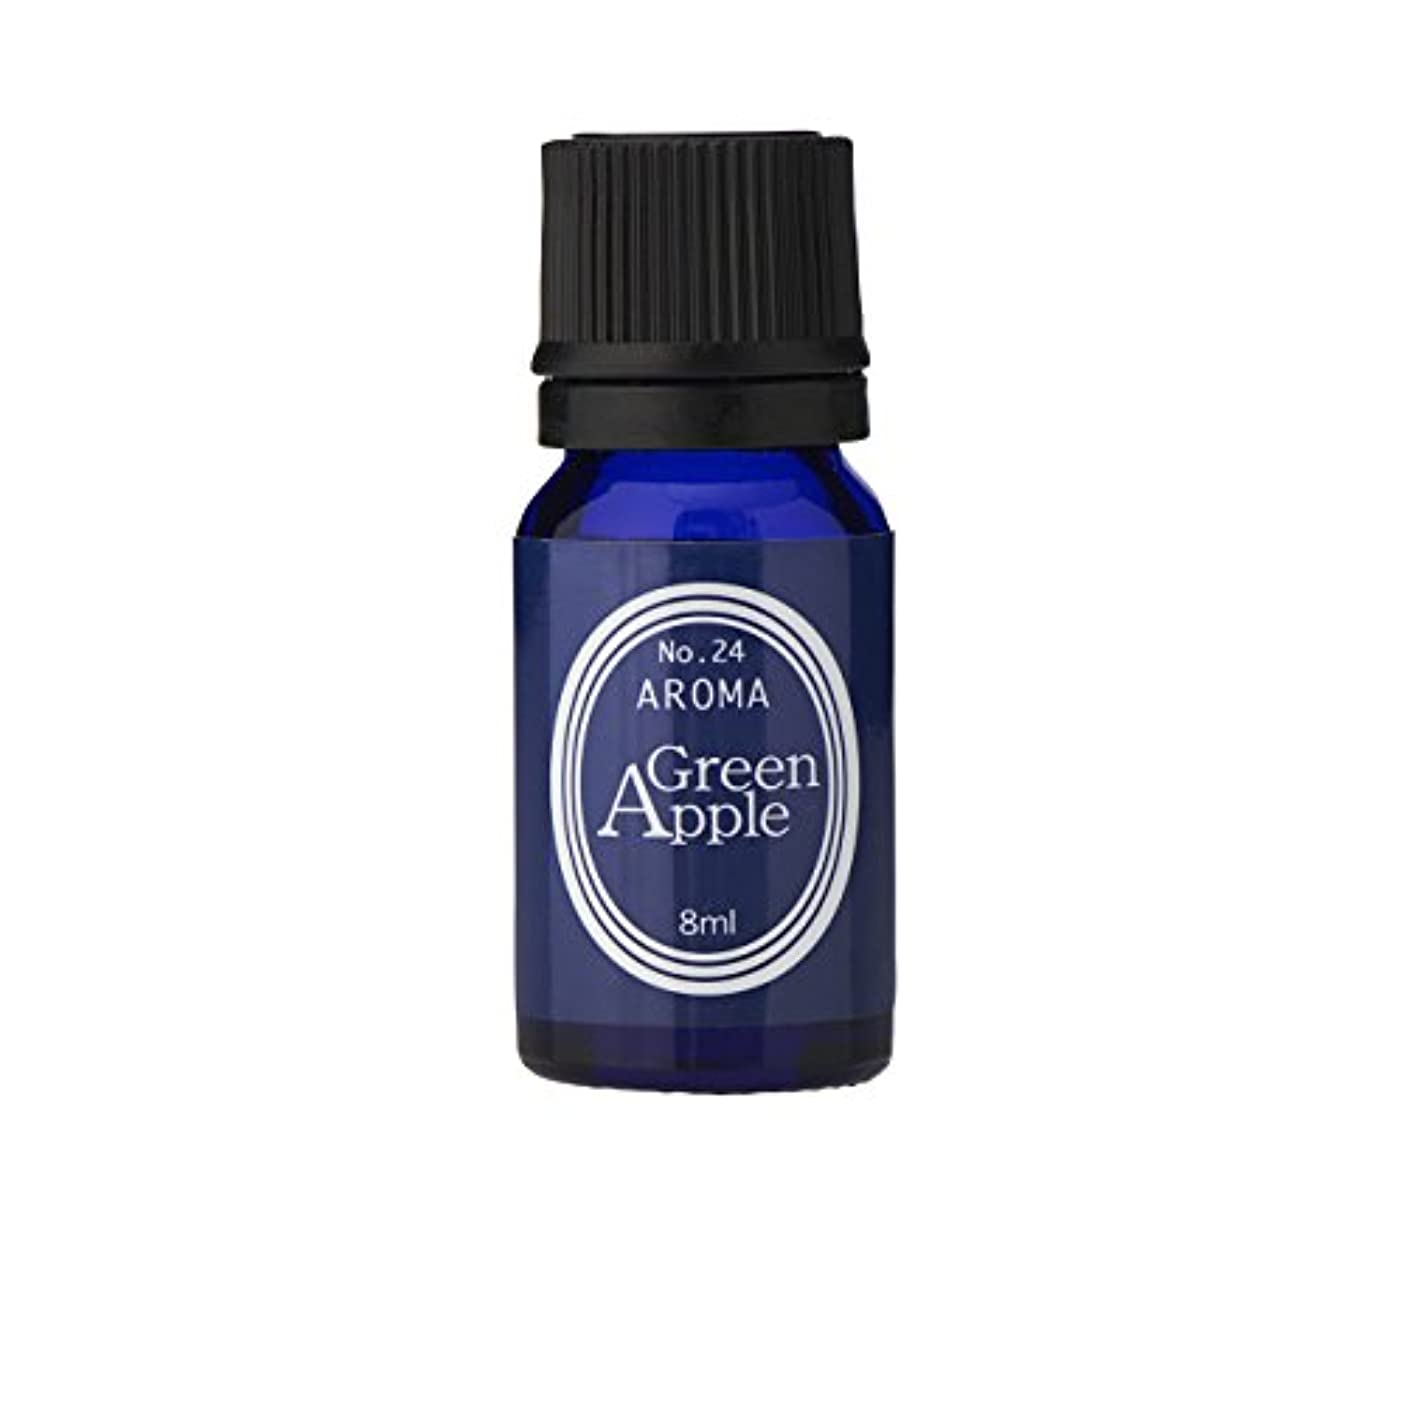 クリーク著者織るブルーラベル アロマエッセンス8ml グリーンアップル(アロマオイル 調合香料 芳香用)